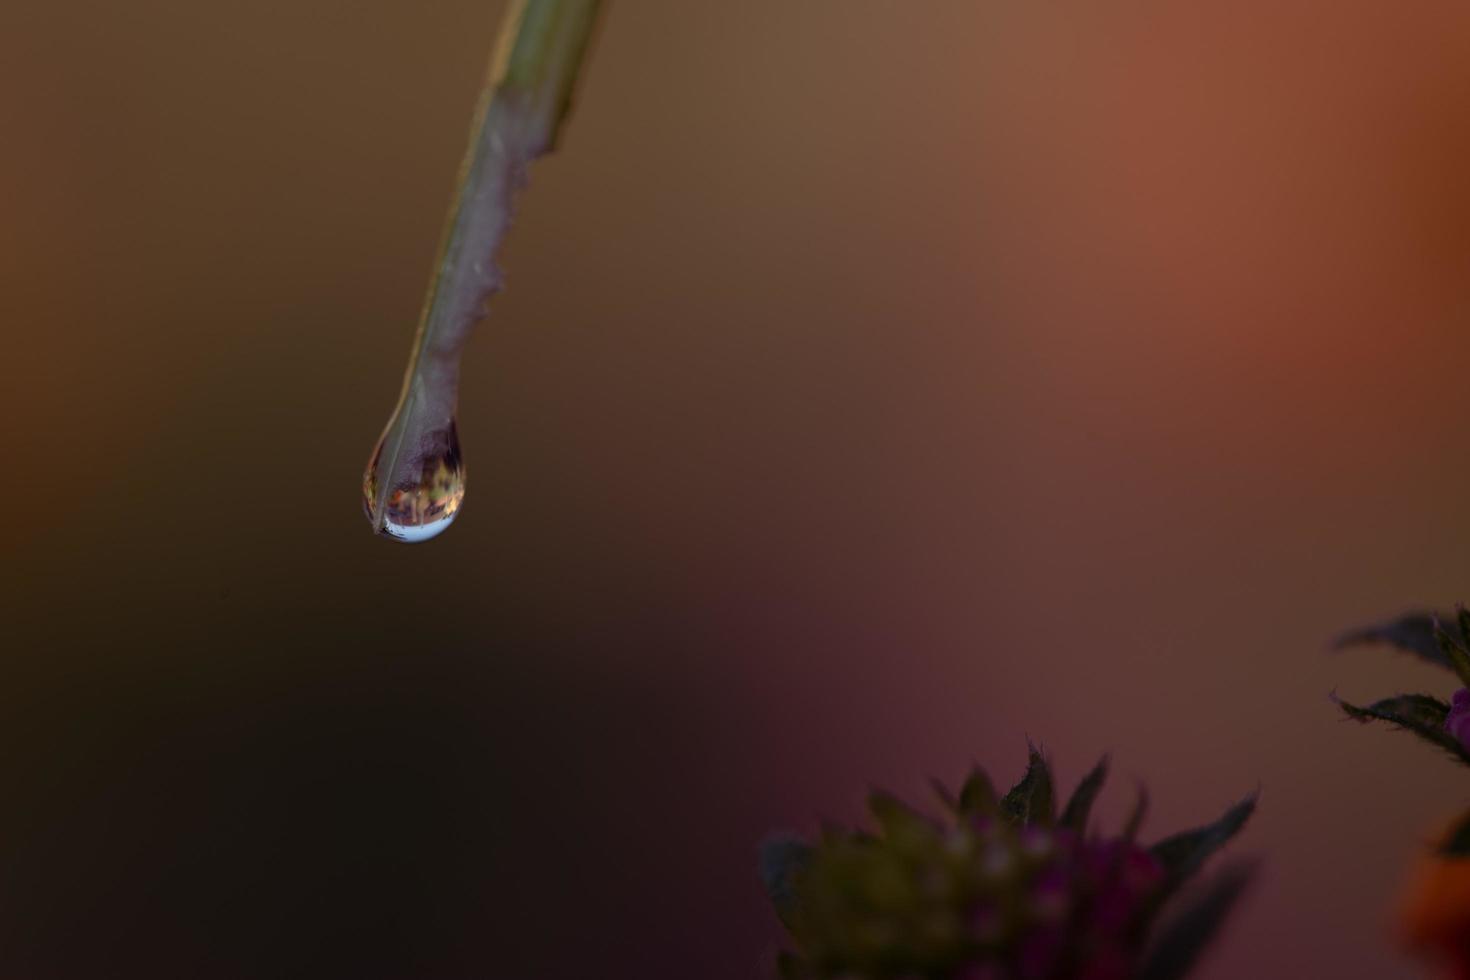 goutte de pluie sur une feuille photo